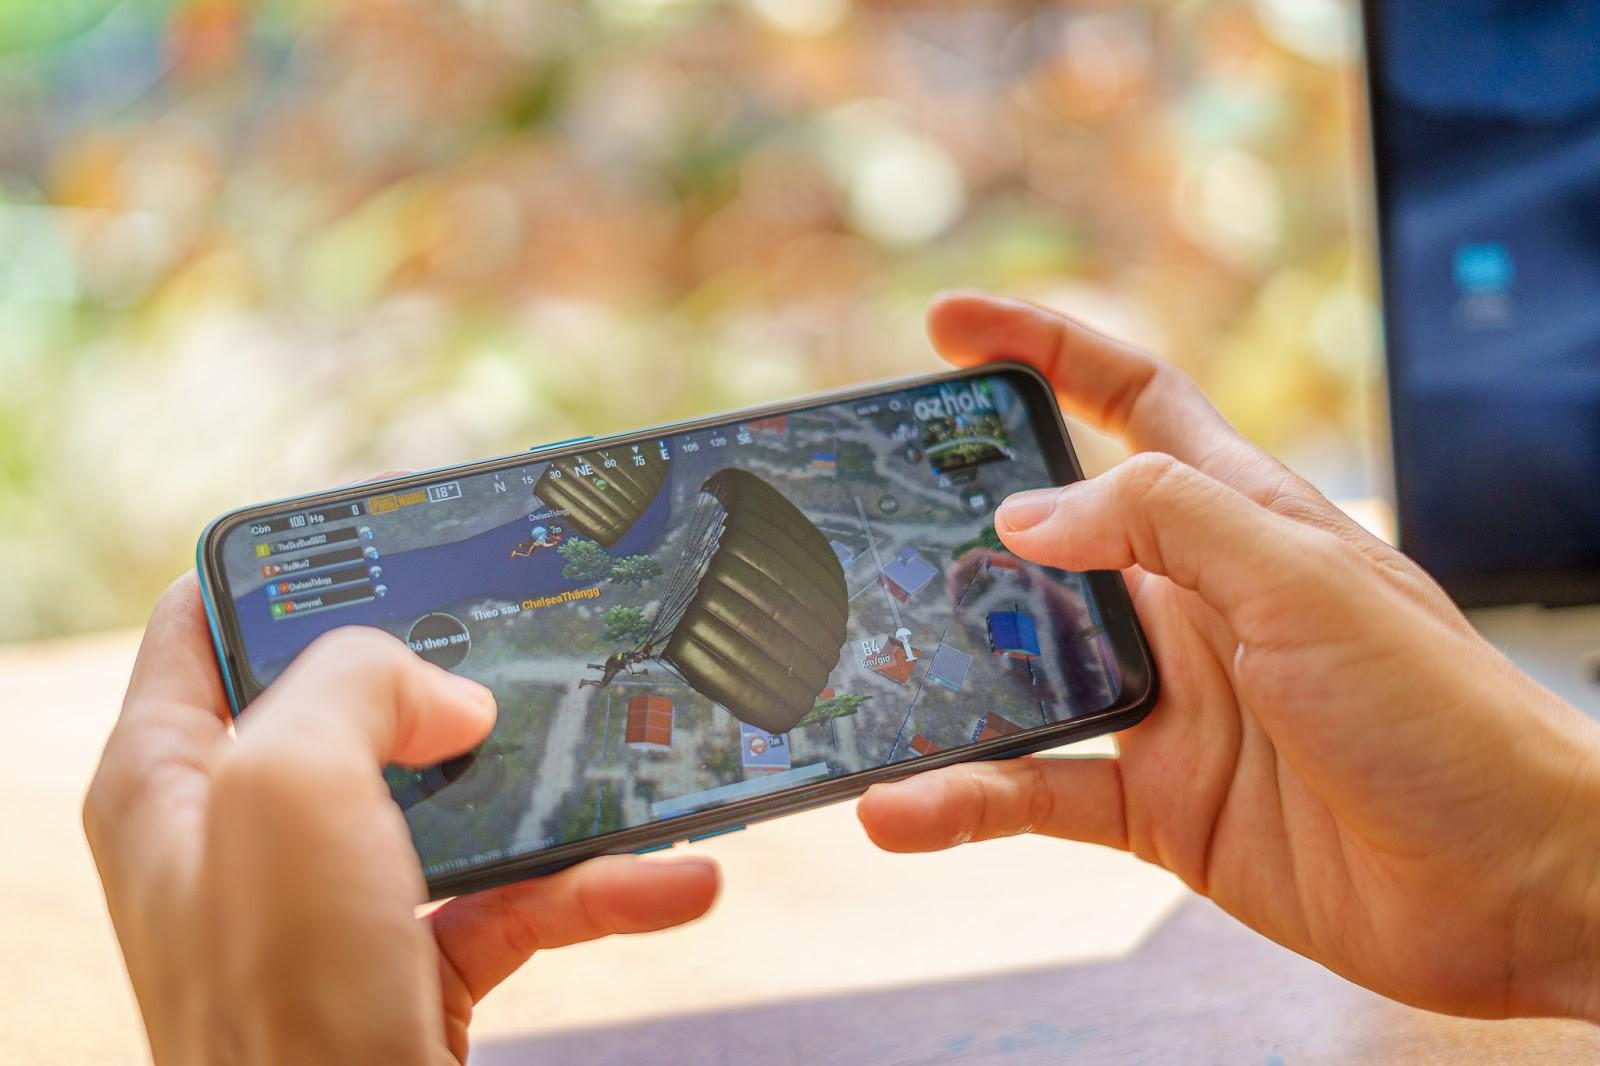 VZN News: Smartphone tầm trung OPPO A9 2020 sẽ mang đến những trải nghiệm tối đa nào với viên pin khủng 5.000 mAh? - Ảnh 2.